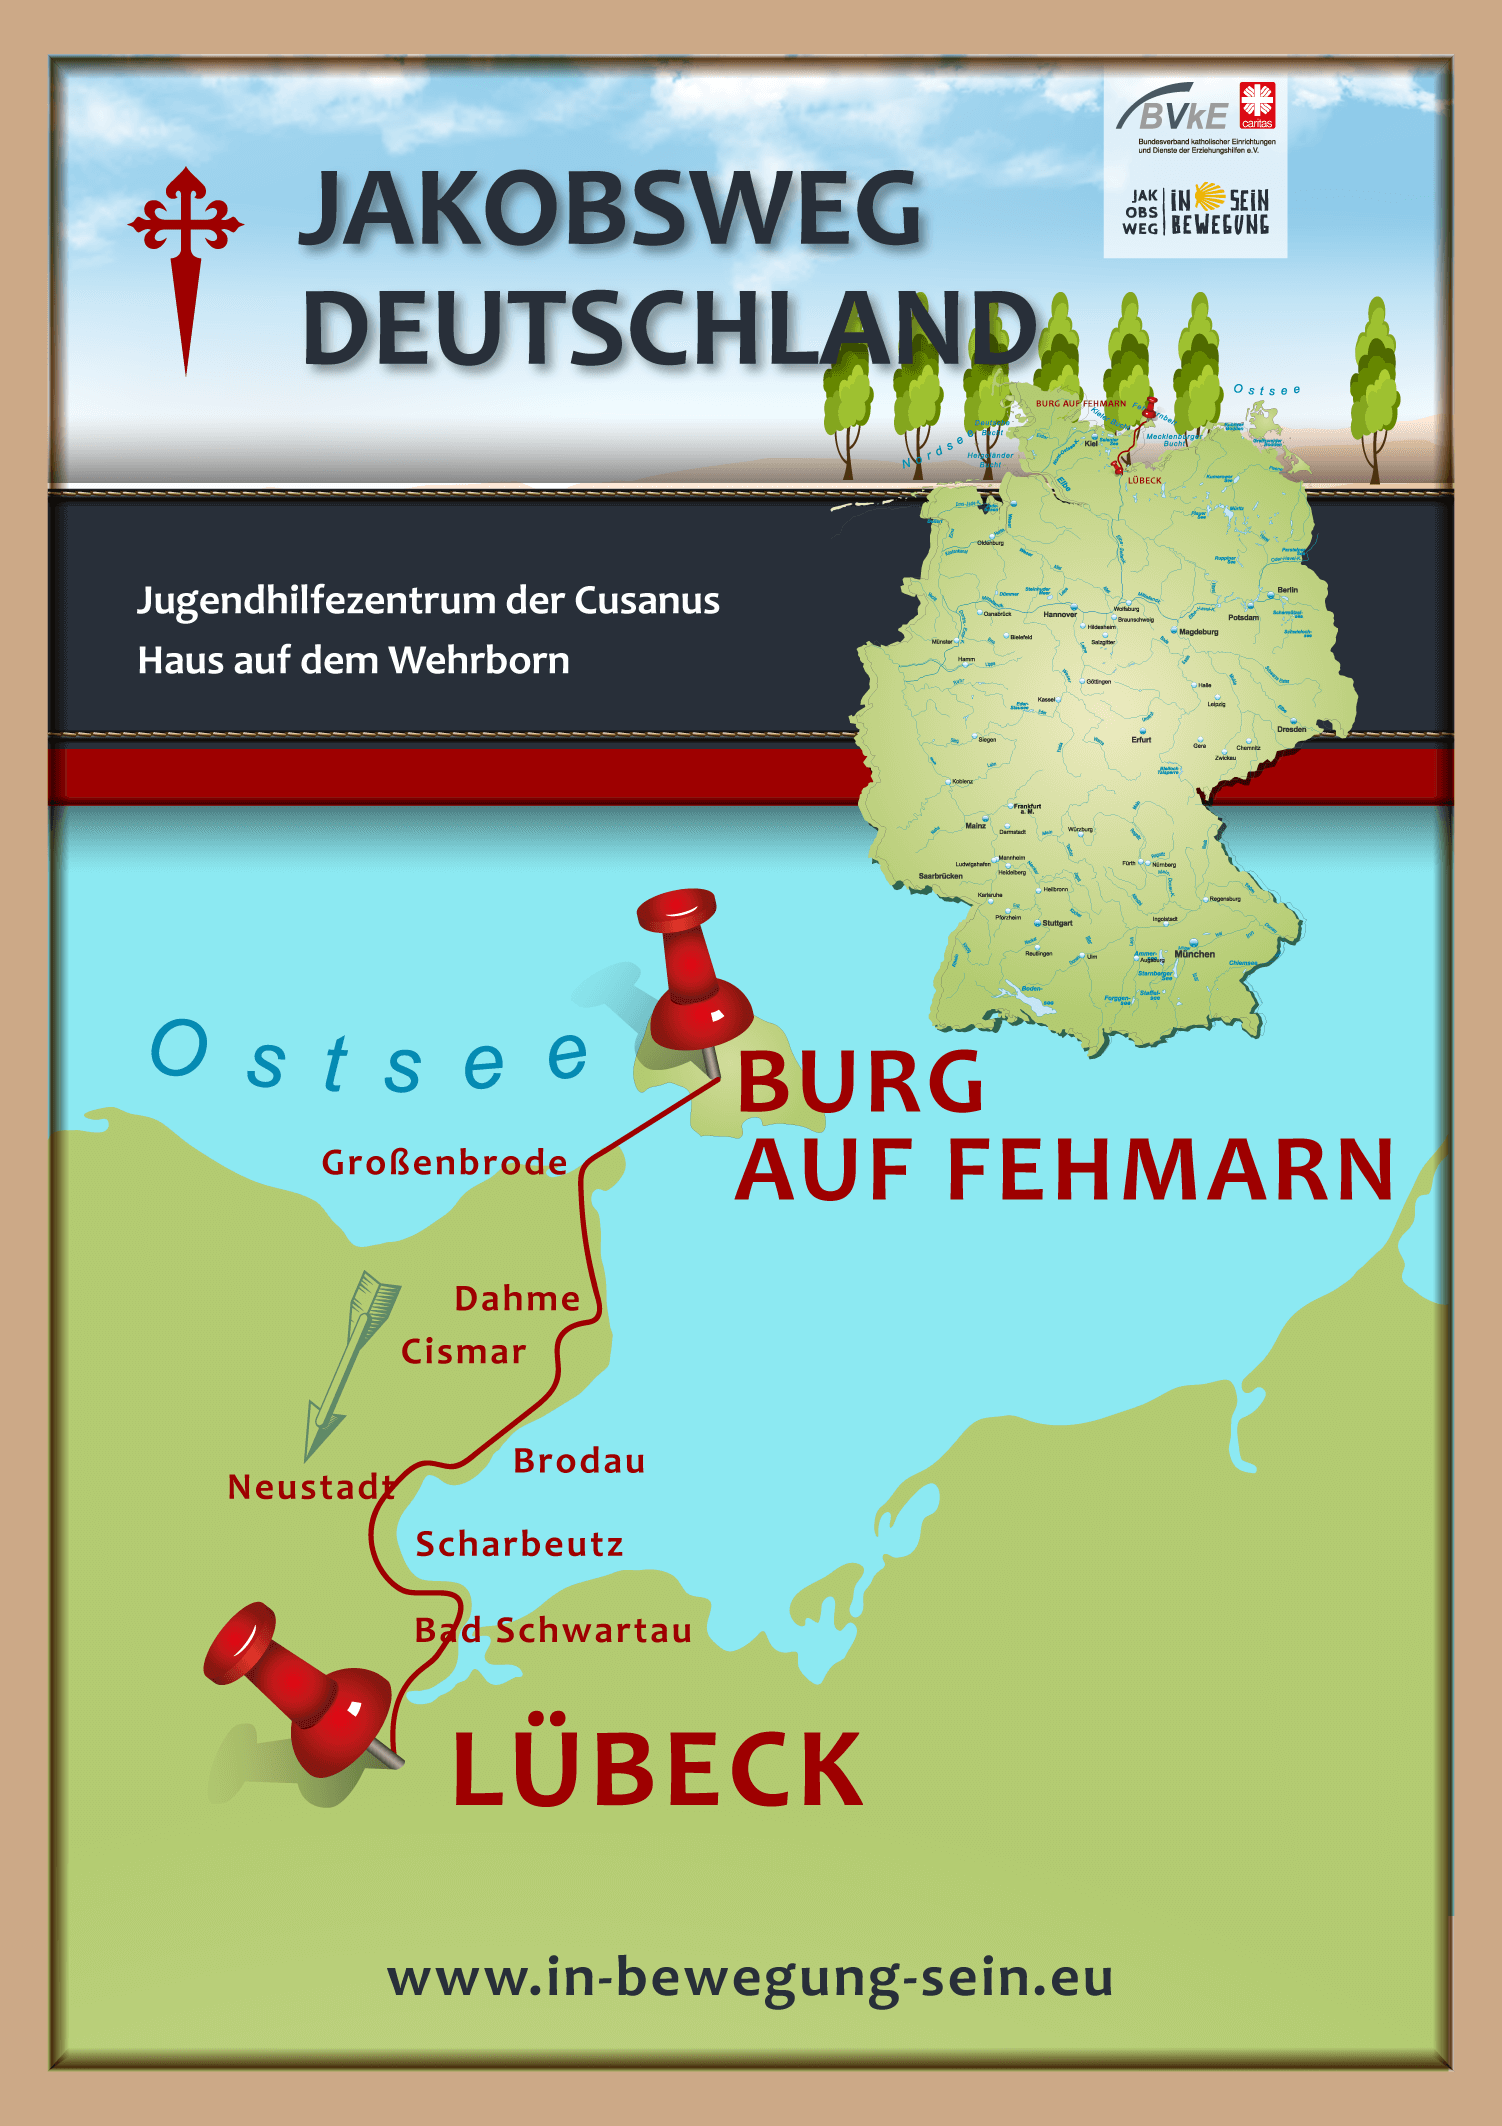 Posterkarte-JUGENDHILFEZENTRUM-DER-CUSANUS---WEHRBORN---AACH-2019-Ostsee-a